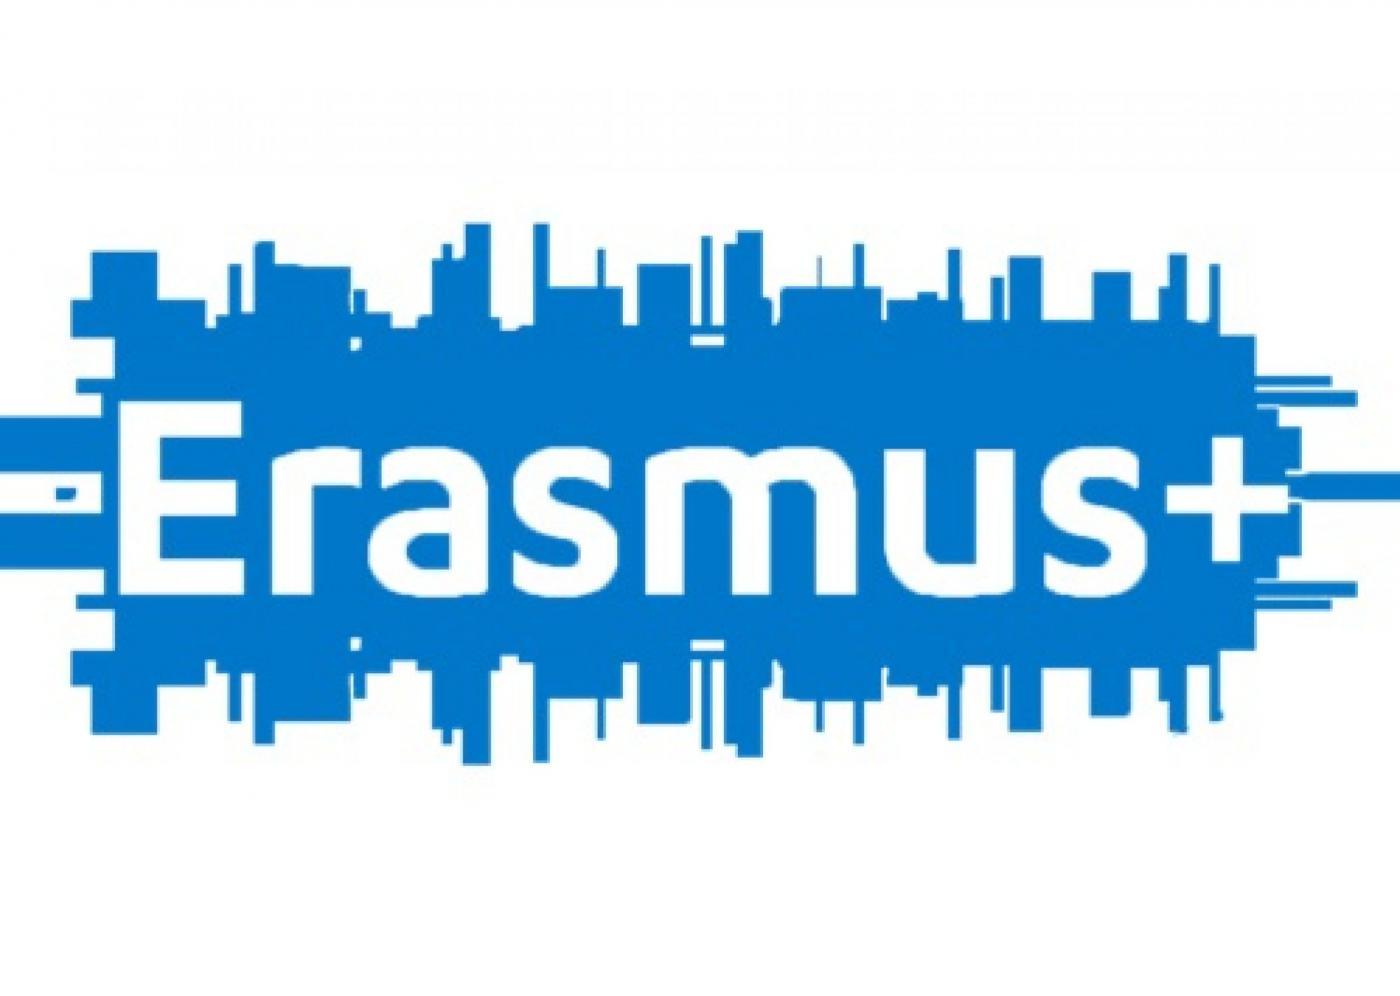 Онлайн-консультация по подготовке заявок по инструменту Erasmus Mundus Design Measures